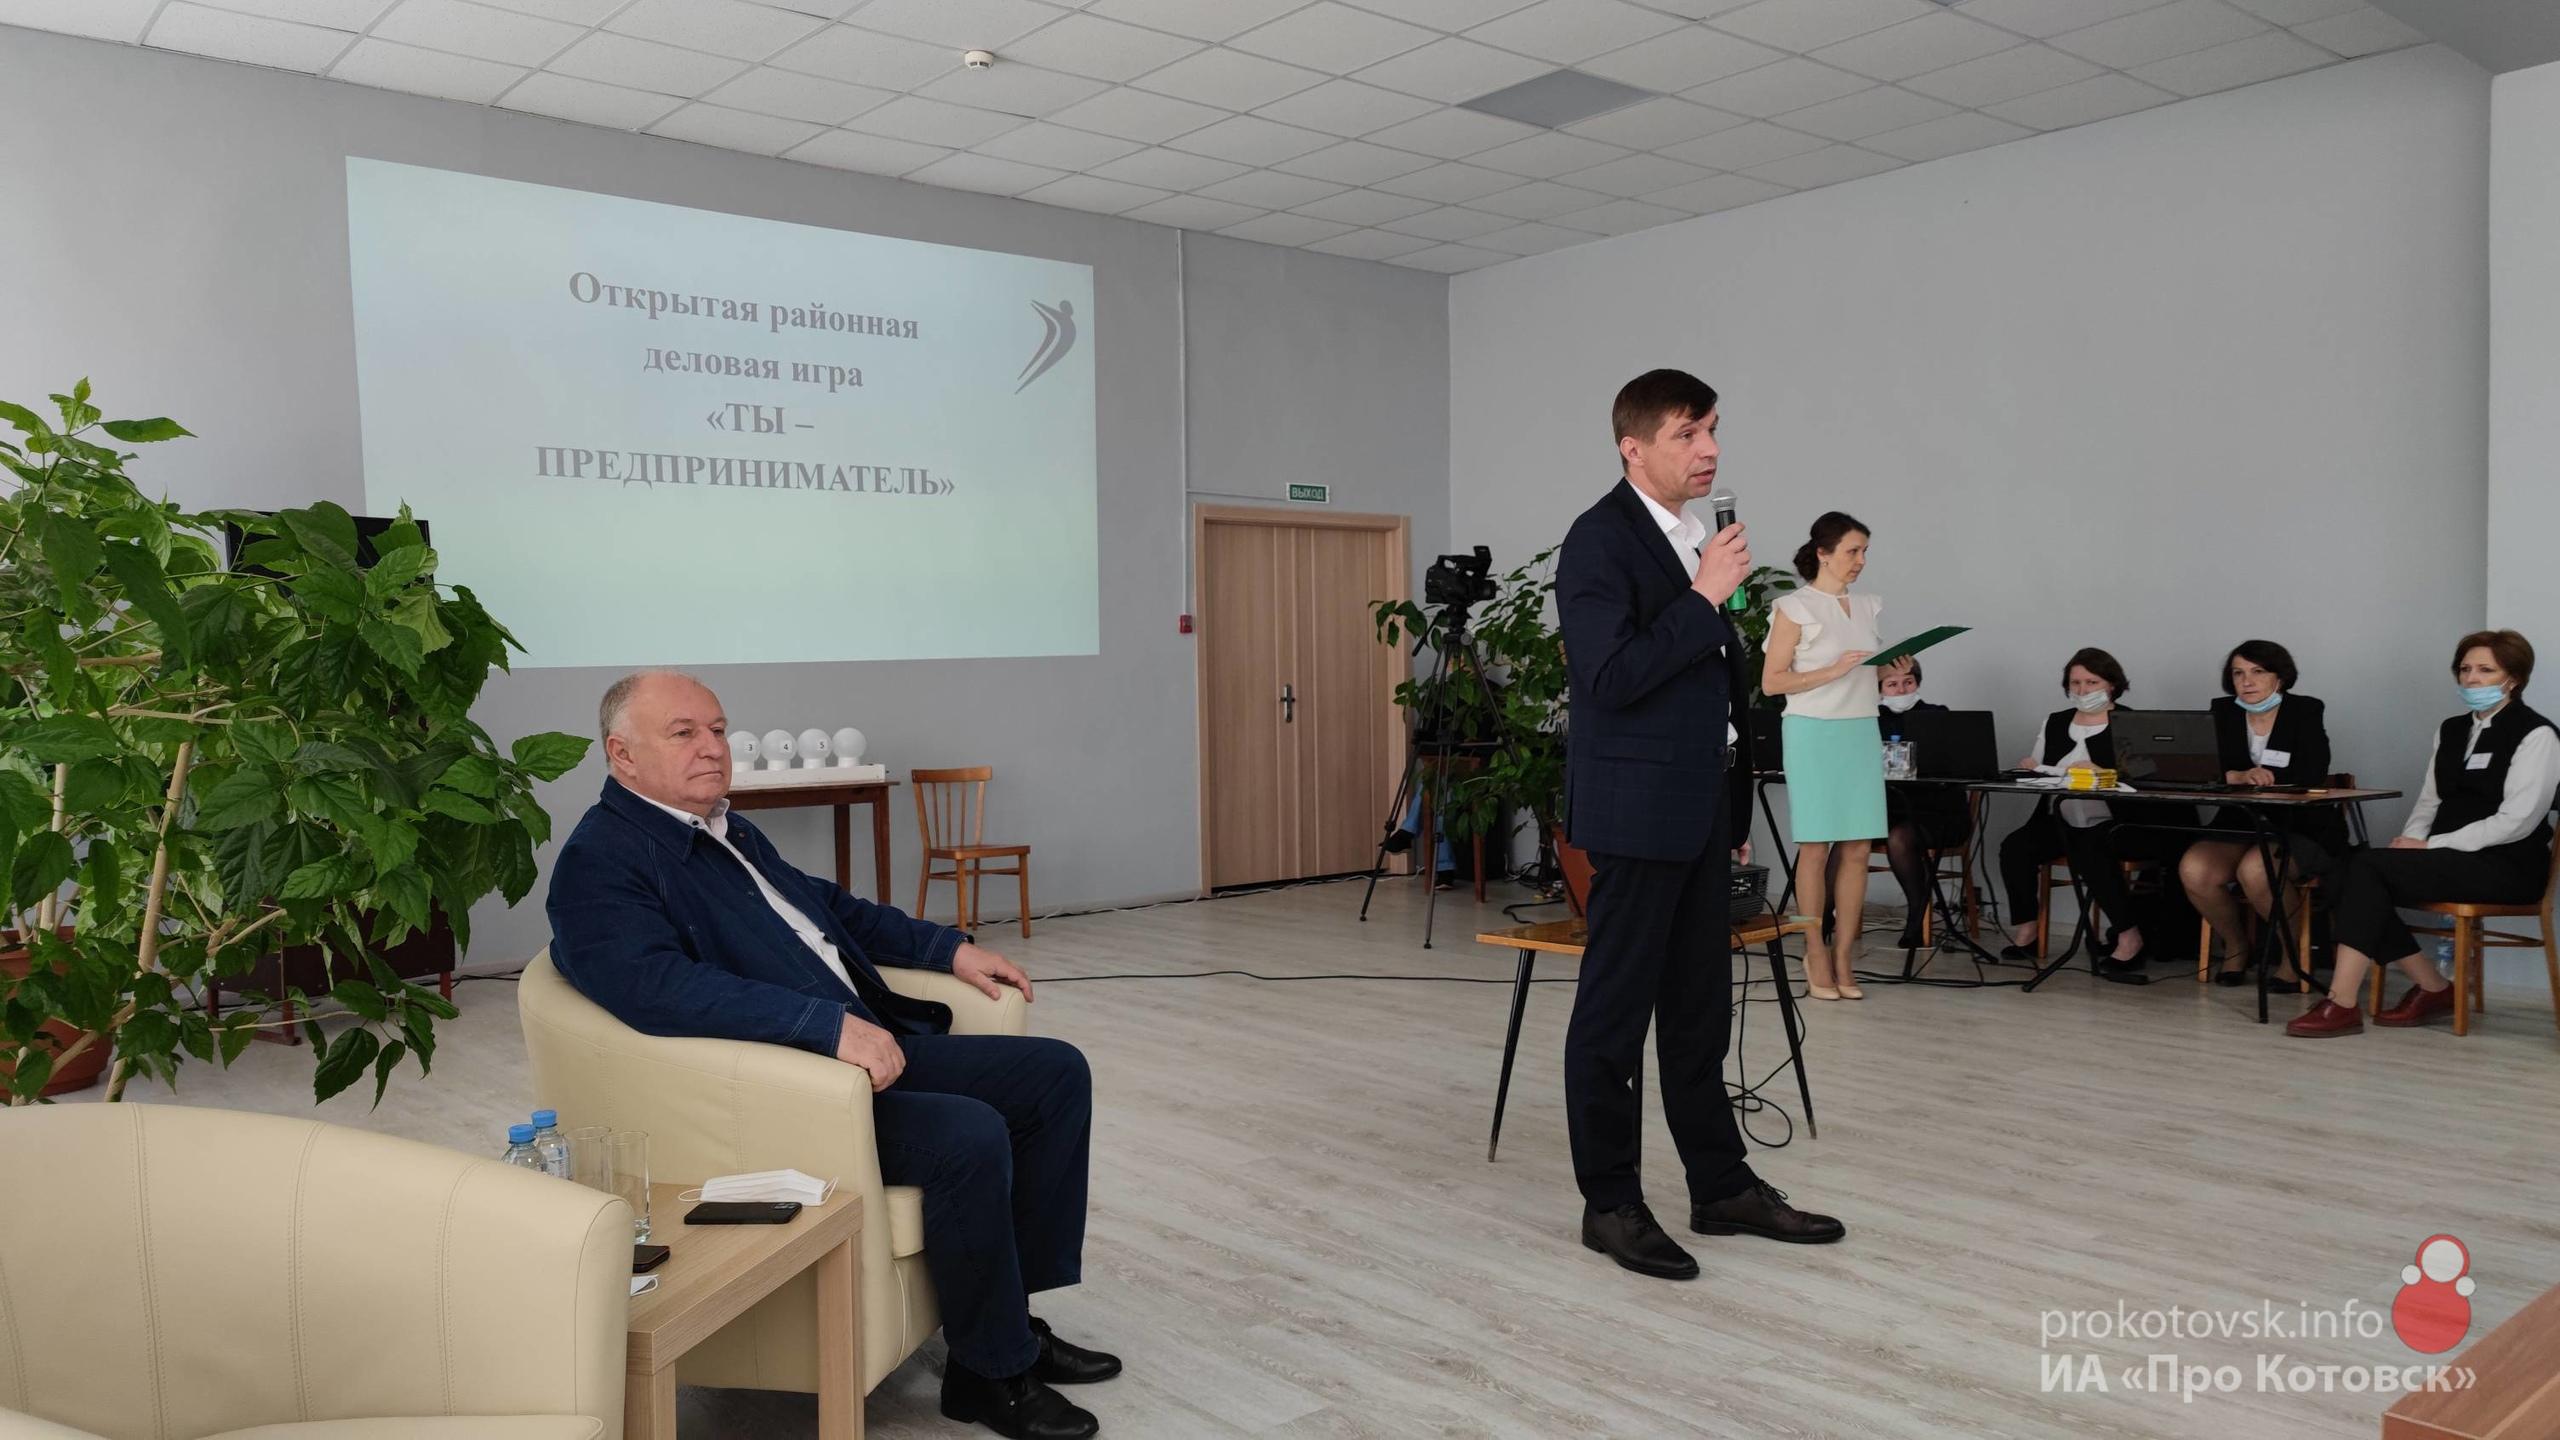 Делегация Котовска прибыла в моногород Пестово для участия в инвестиционном форуме